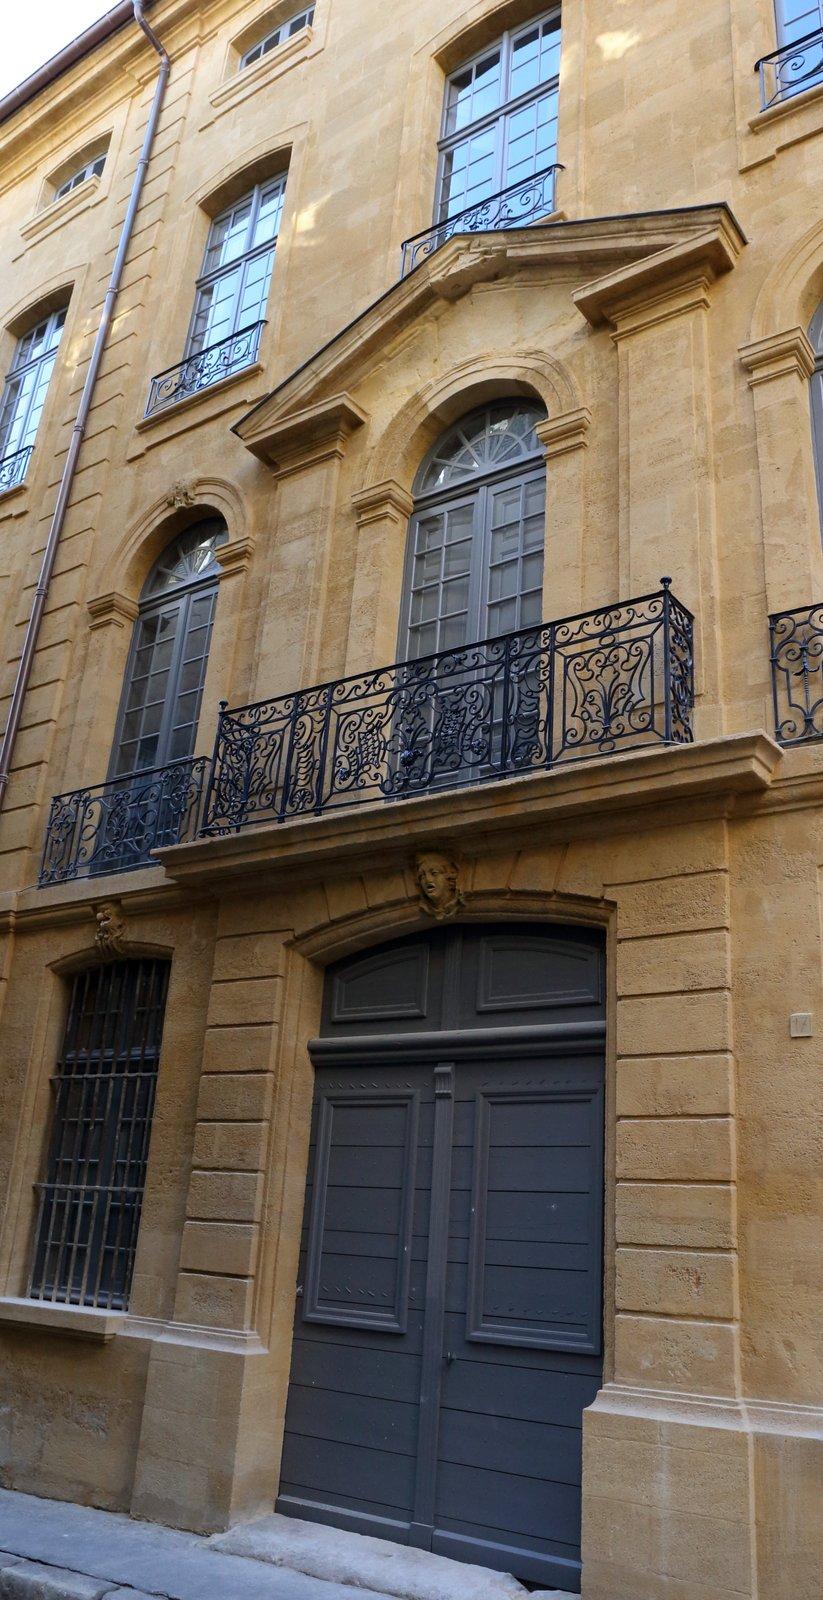 Aix_2013-03-02_0027